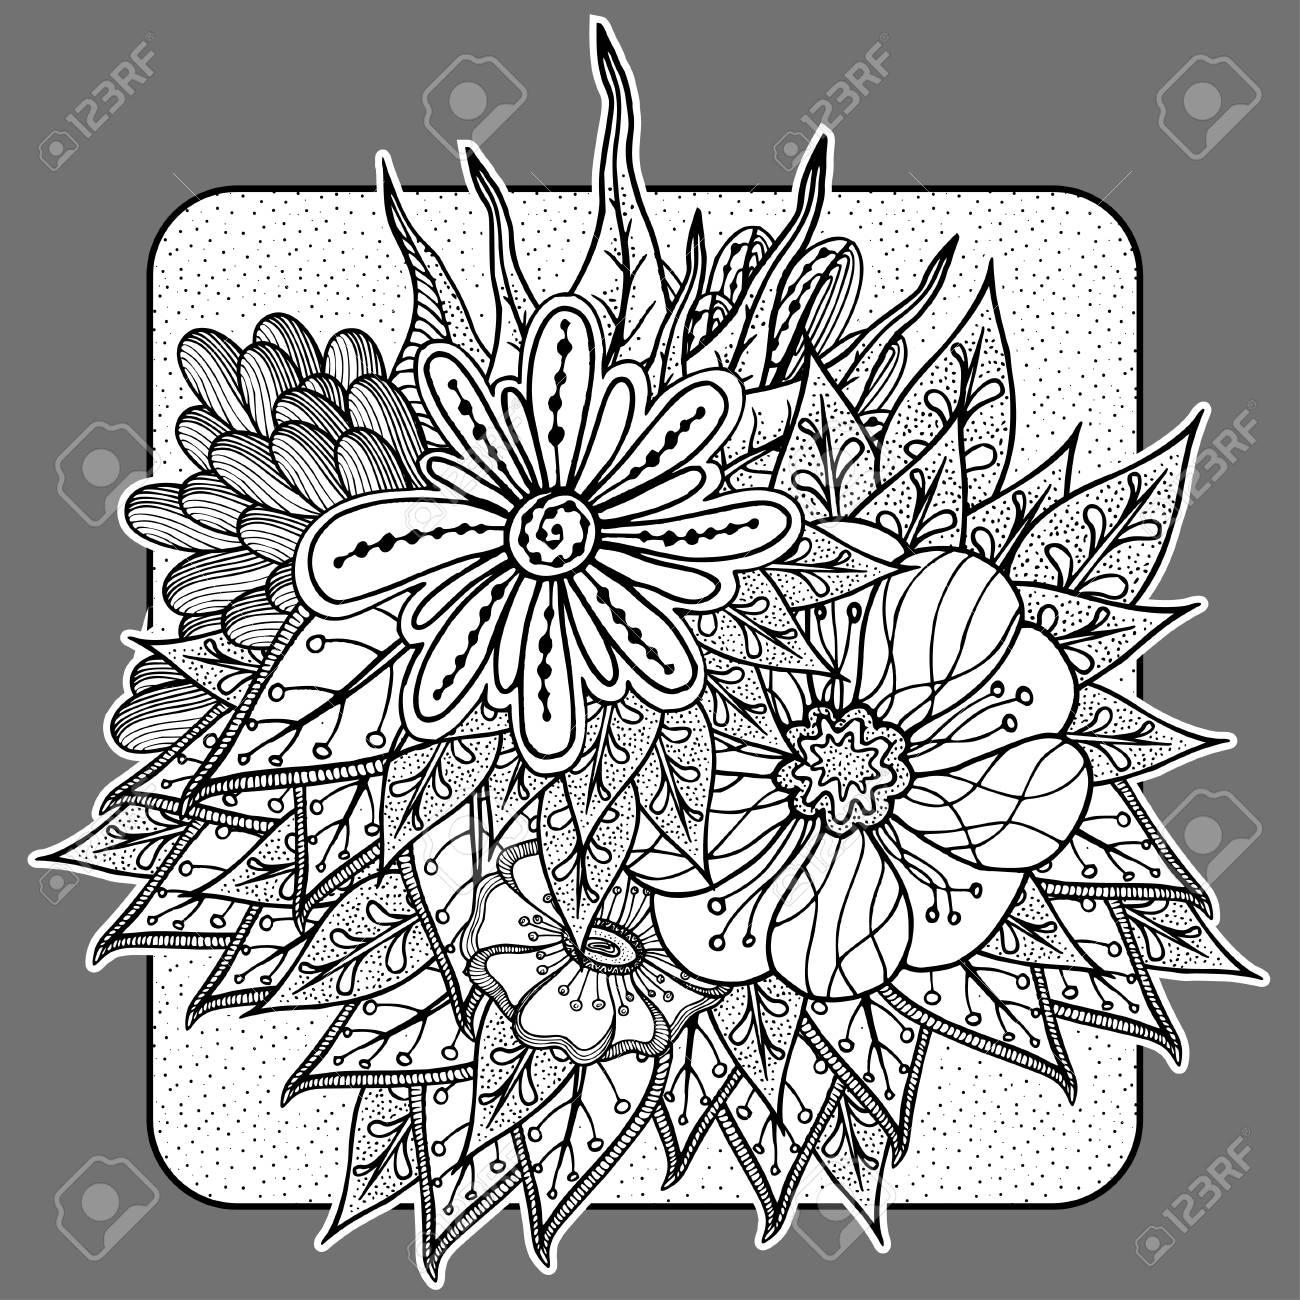 Modèle Vectoriel Pour Le Cahier De Coloriage Design Rétro Ethnique Avec Des Fleurs Abstraites Dessin Au Trait Noir Sur Fond Blanc